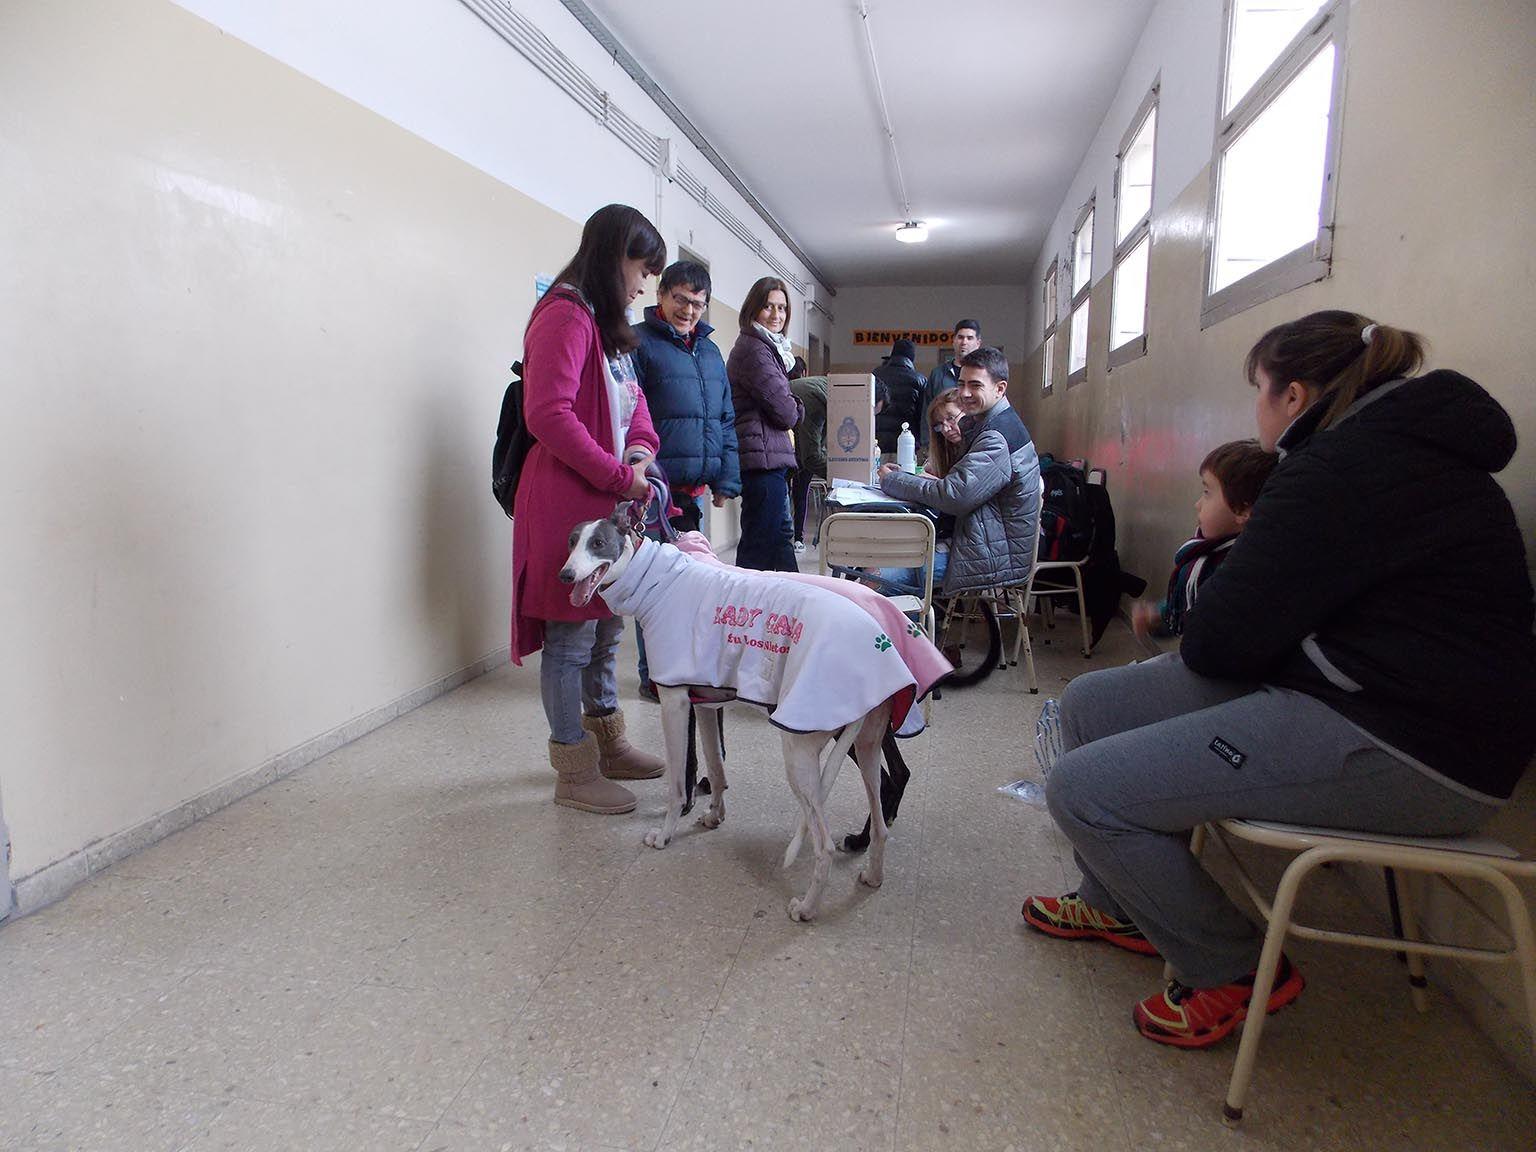 La Pampa: fue a votar con dos perras galgo para protestar por la prohibición de carreras